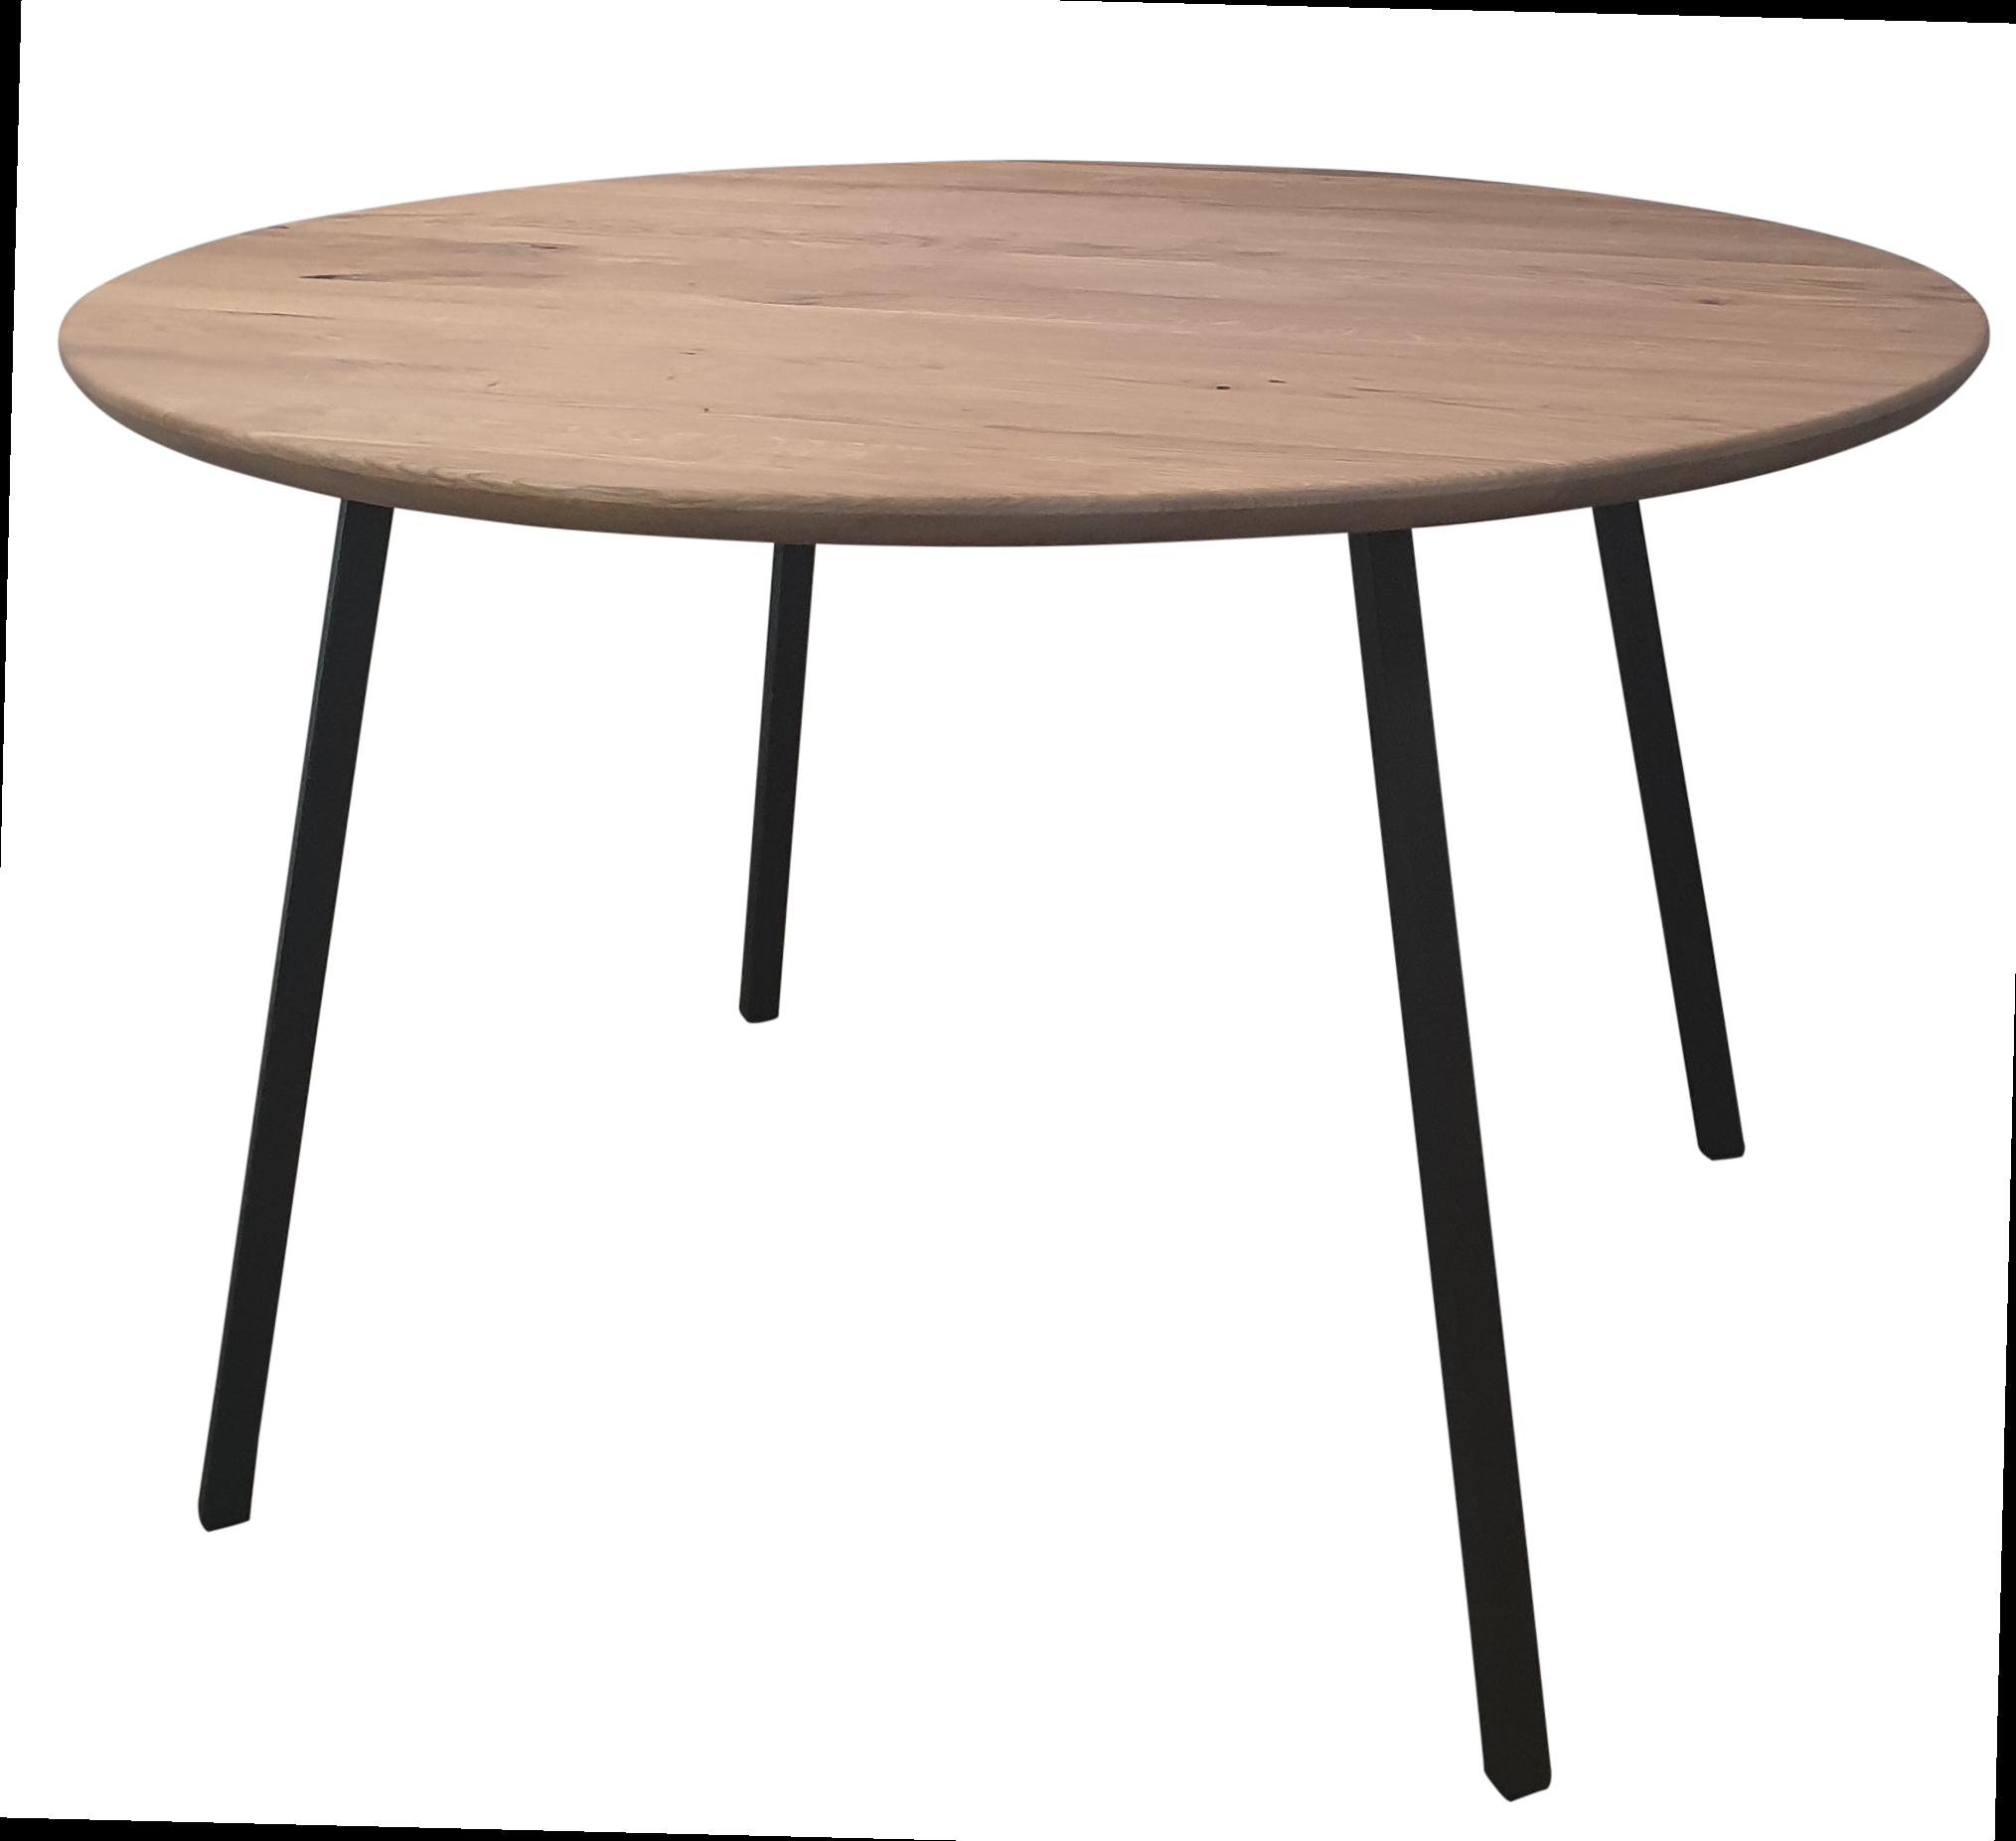 Stoer Metaal round table, metal with oak leaf